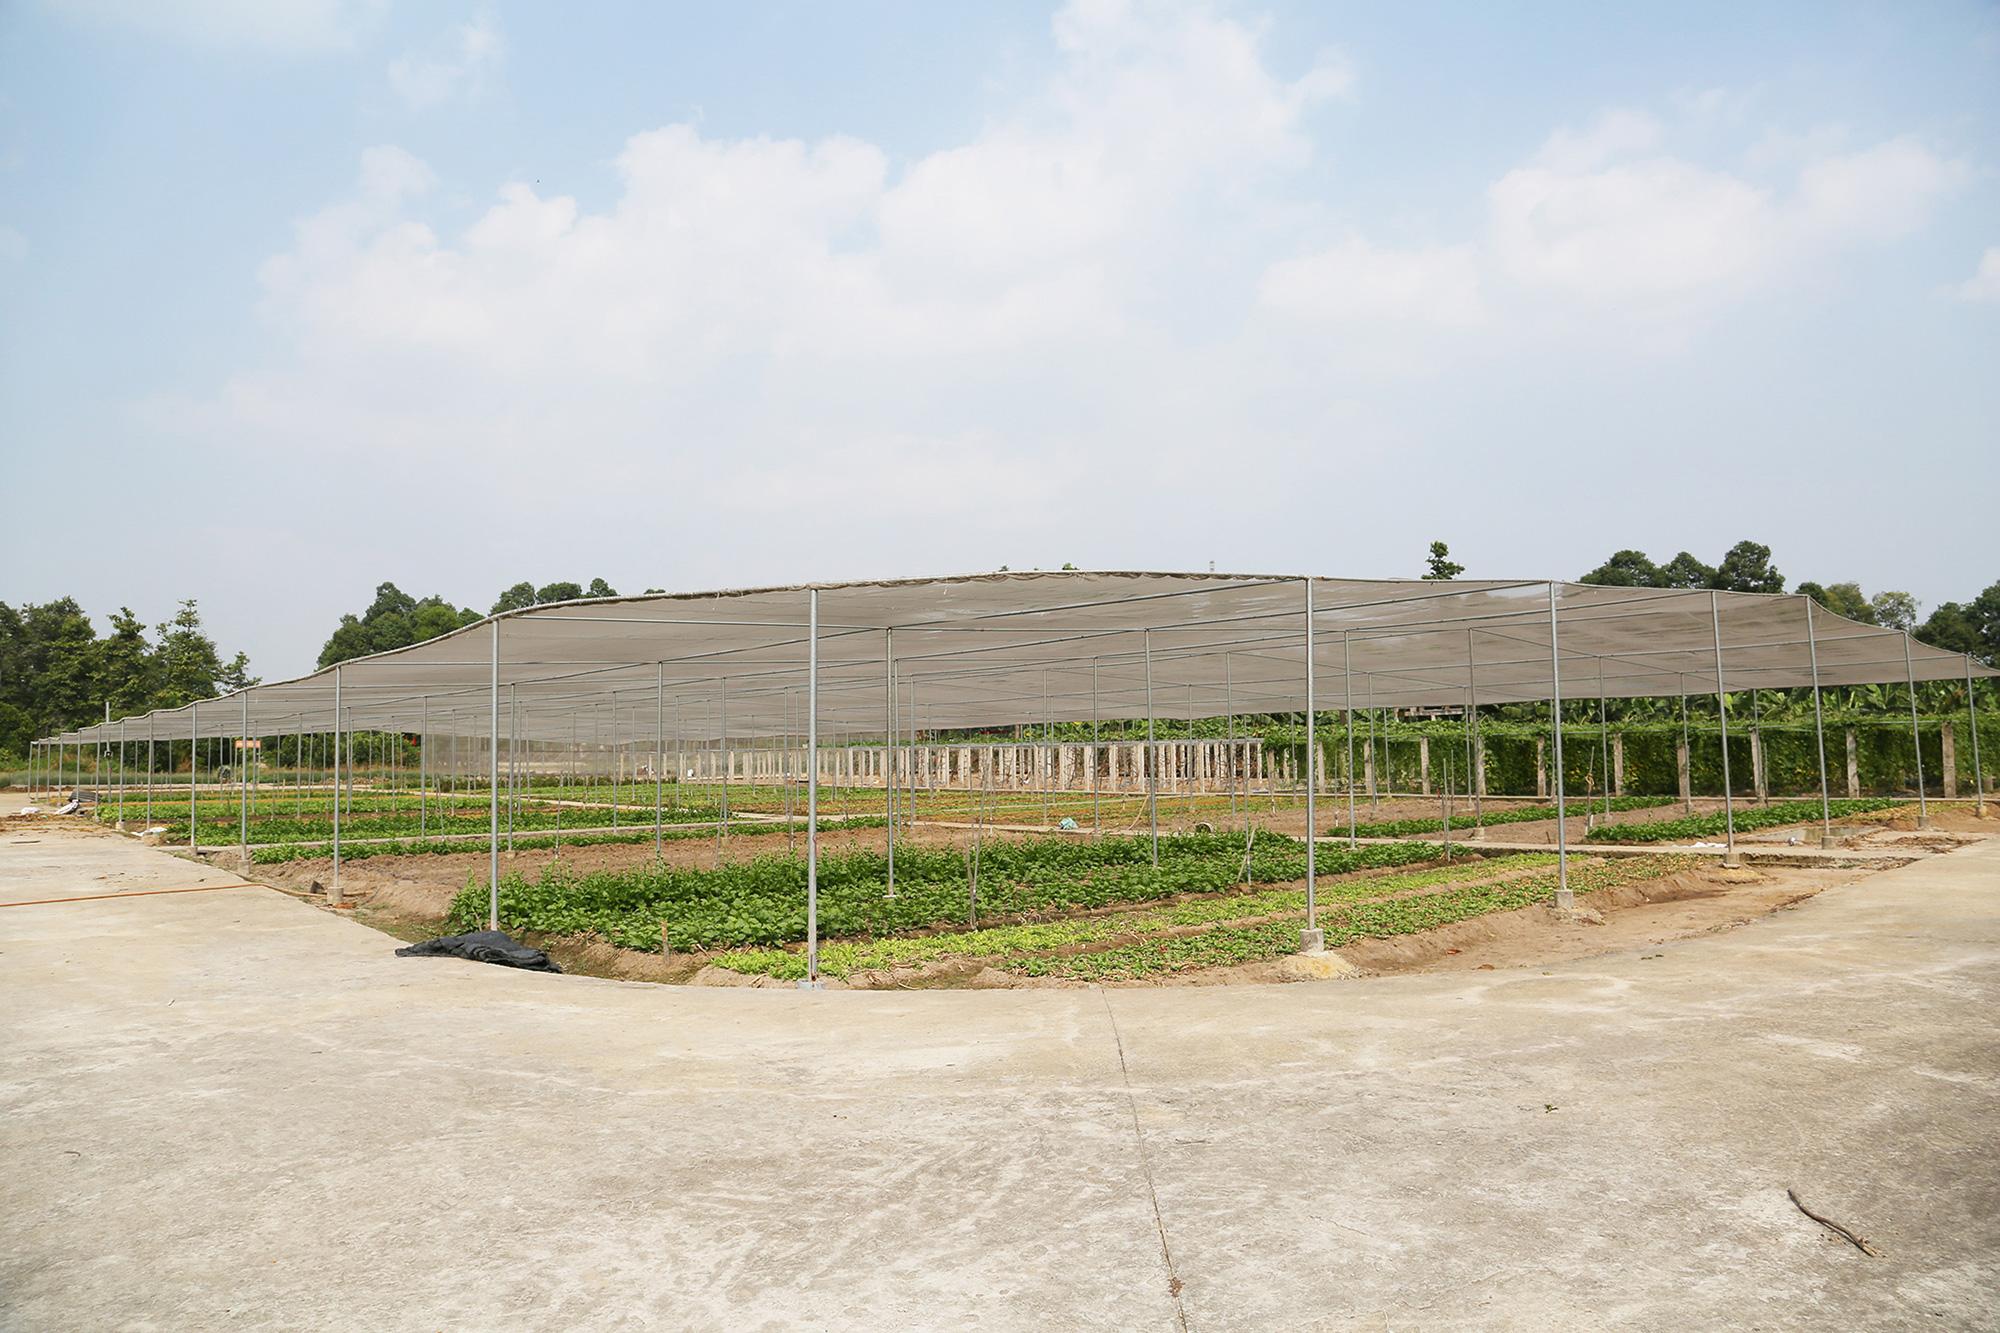 Mục kích khu tăng gia sản xuất rau sạch của Lữ đoàn Phòng không 71